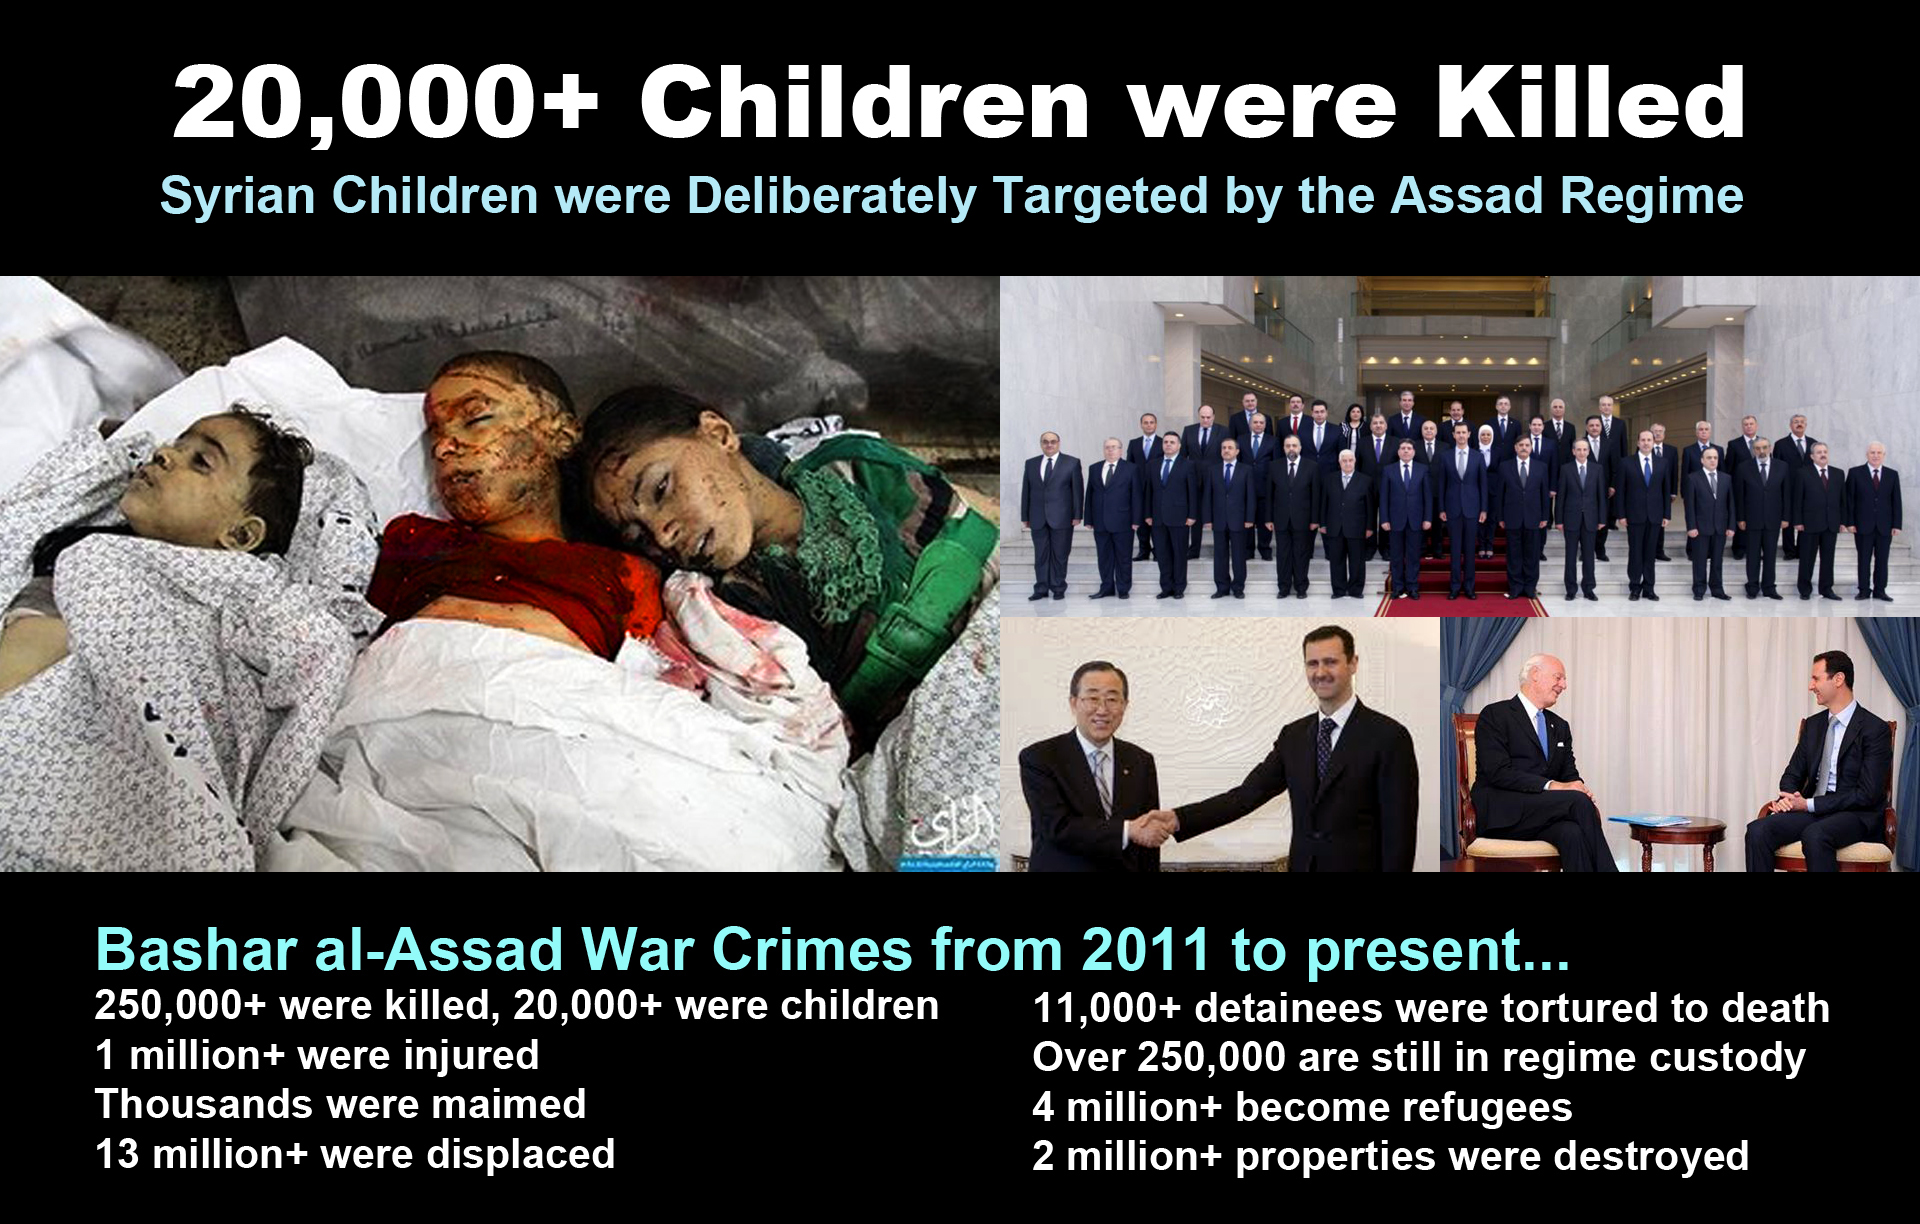 آه برحال اطفال مسلمانان